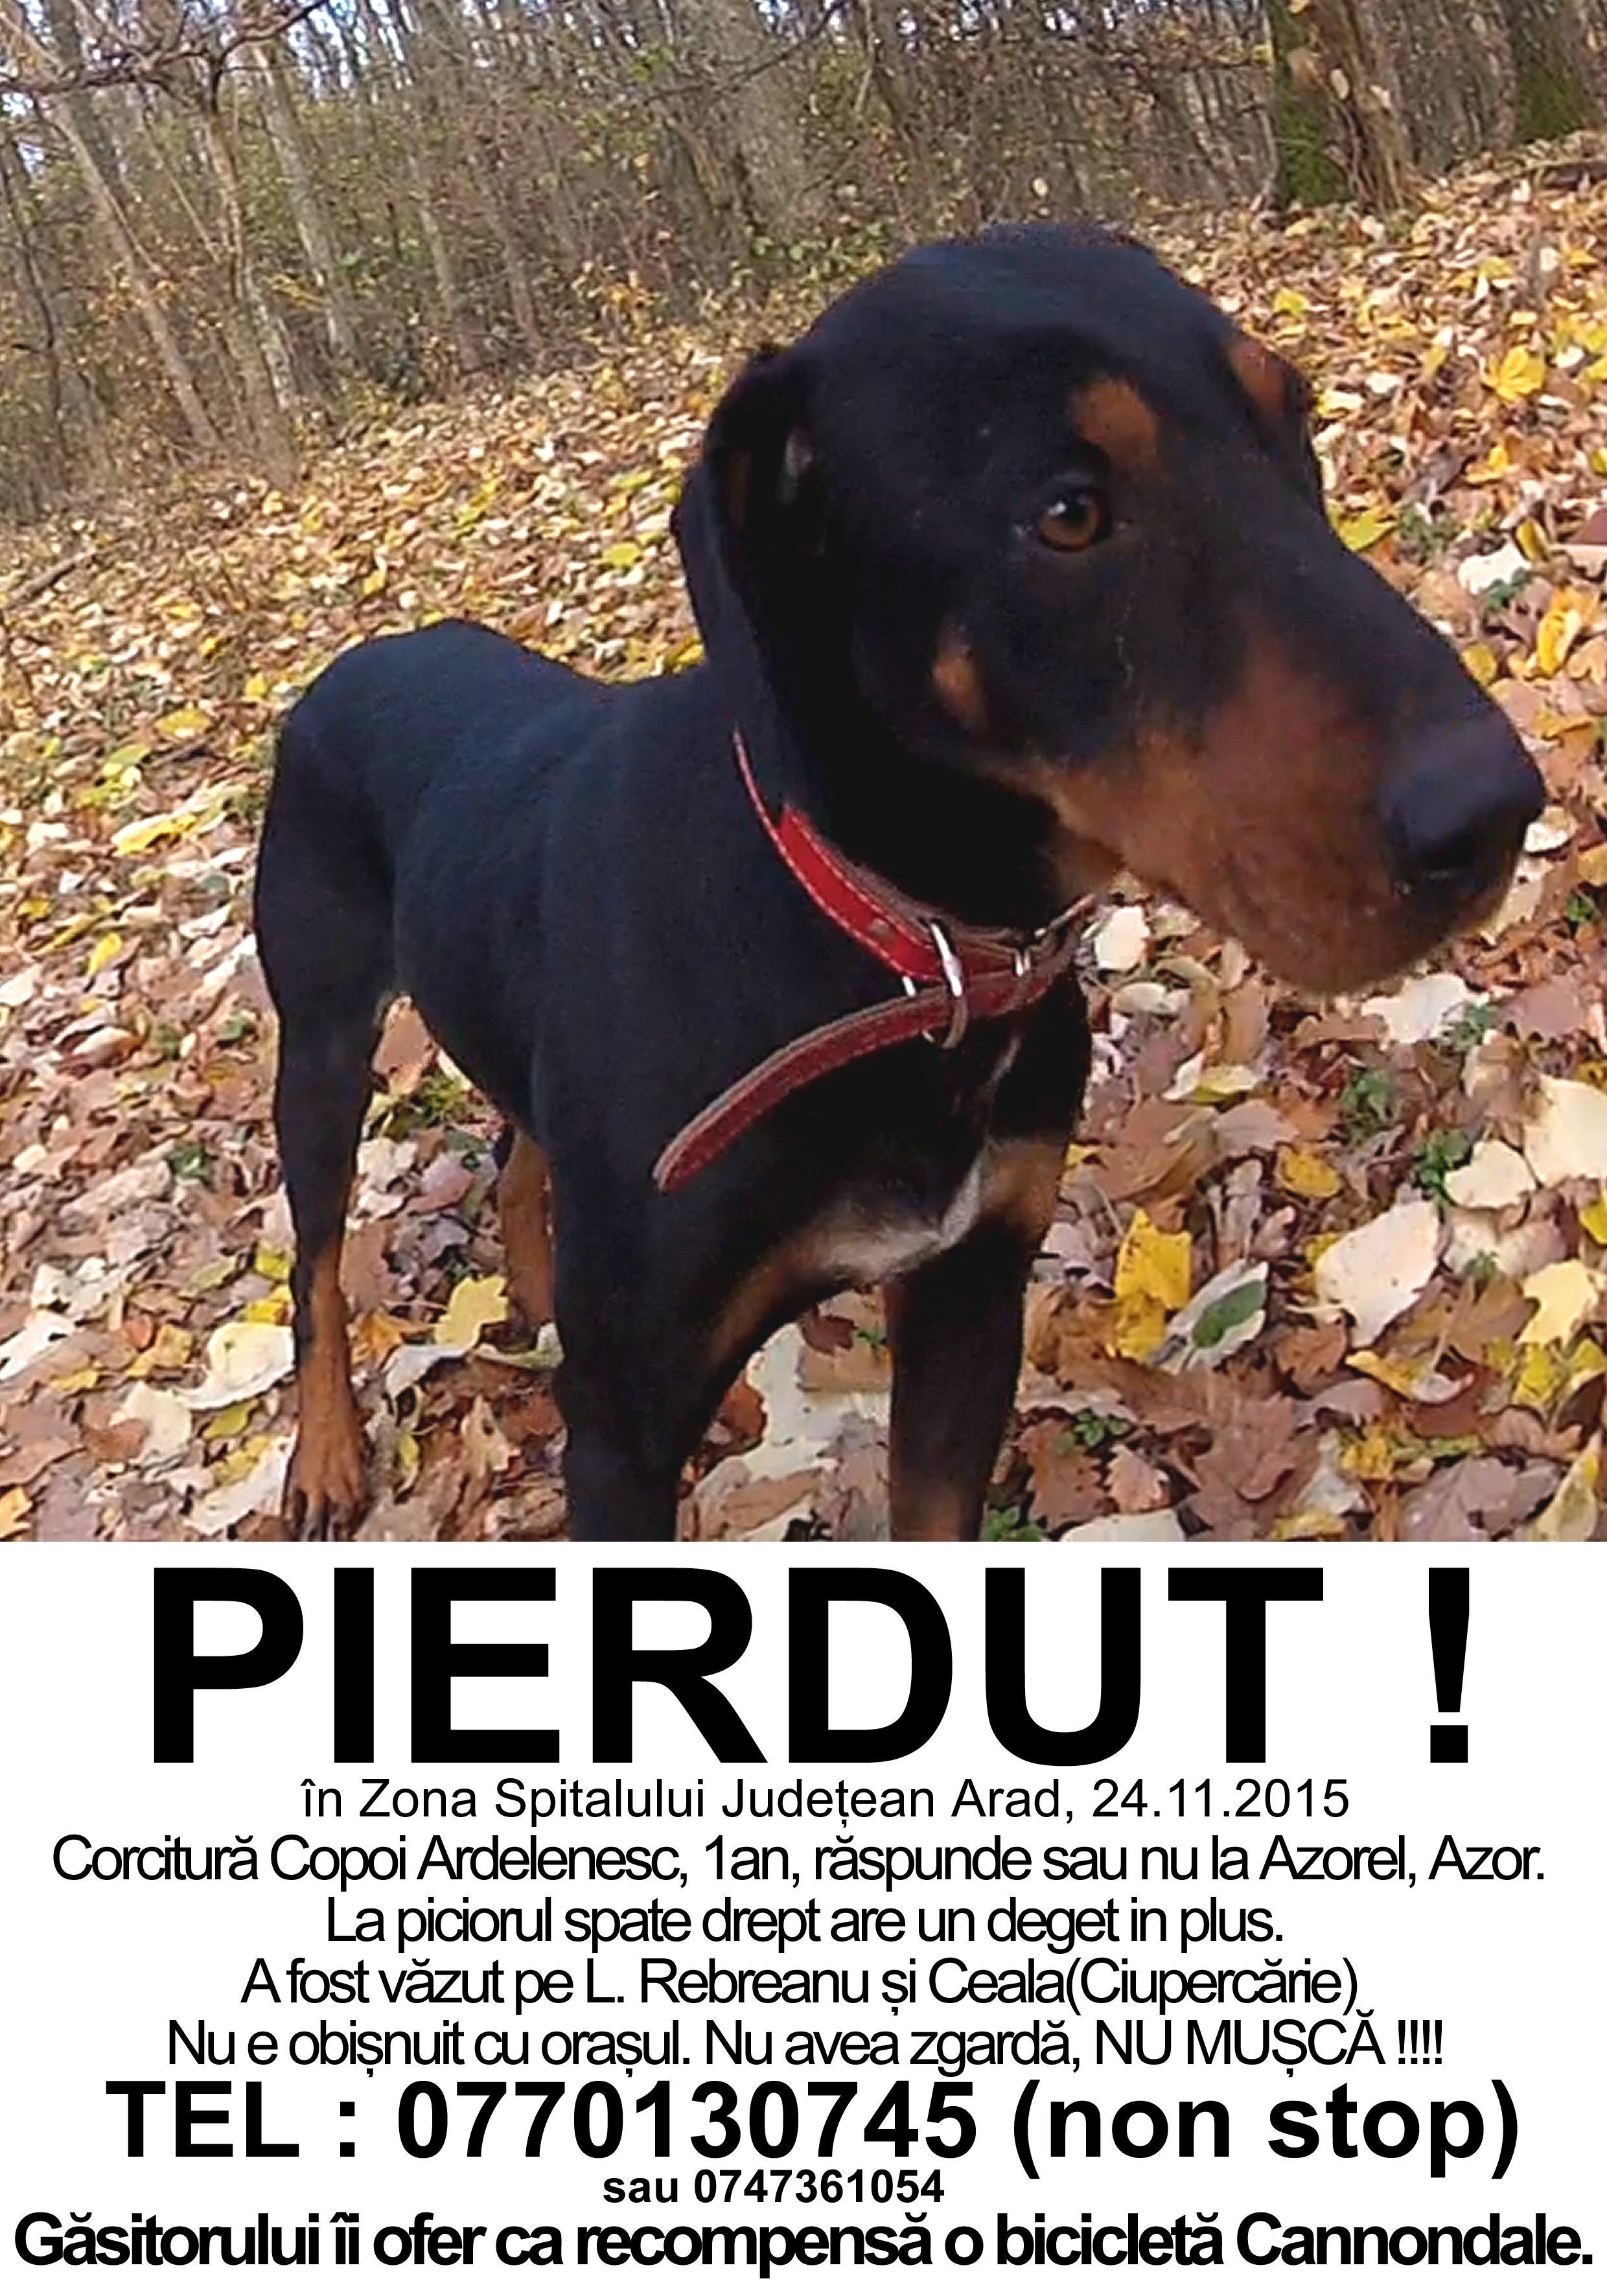 Pierdut Corcitura Copoi ardelenesc, Arad, 24.11.2015